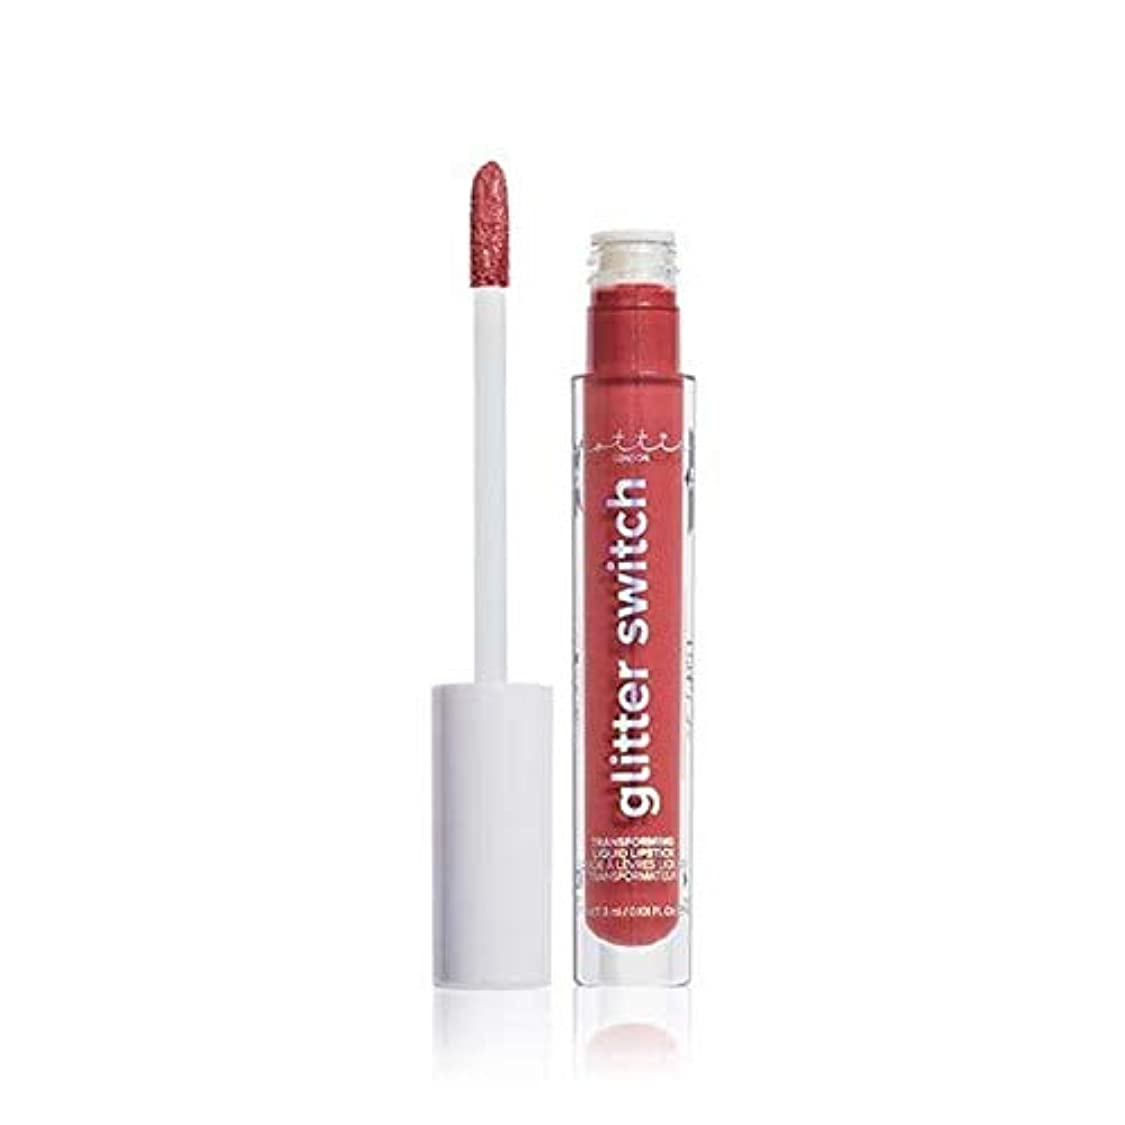 立ち向かう船尾請う[Lottie London] Lottieロンドングリッタースイッチは、口紅ハイローラーを変換します - Lottie London Glitter Switch Transform Lipstick High Roller...